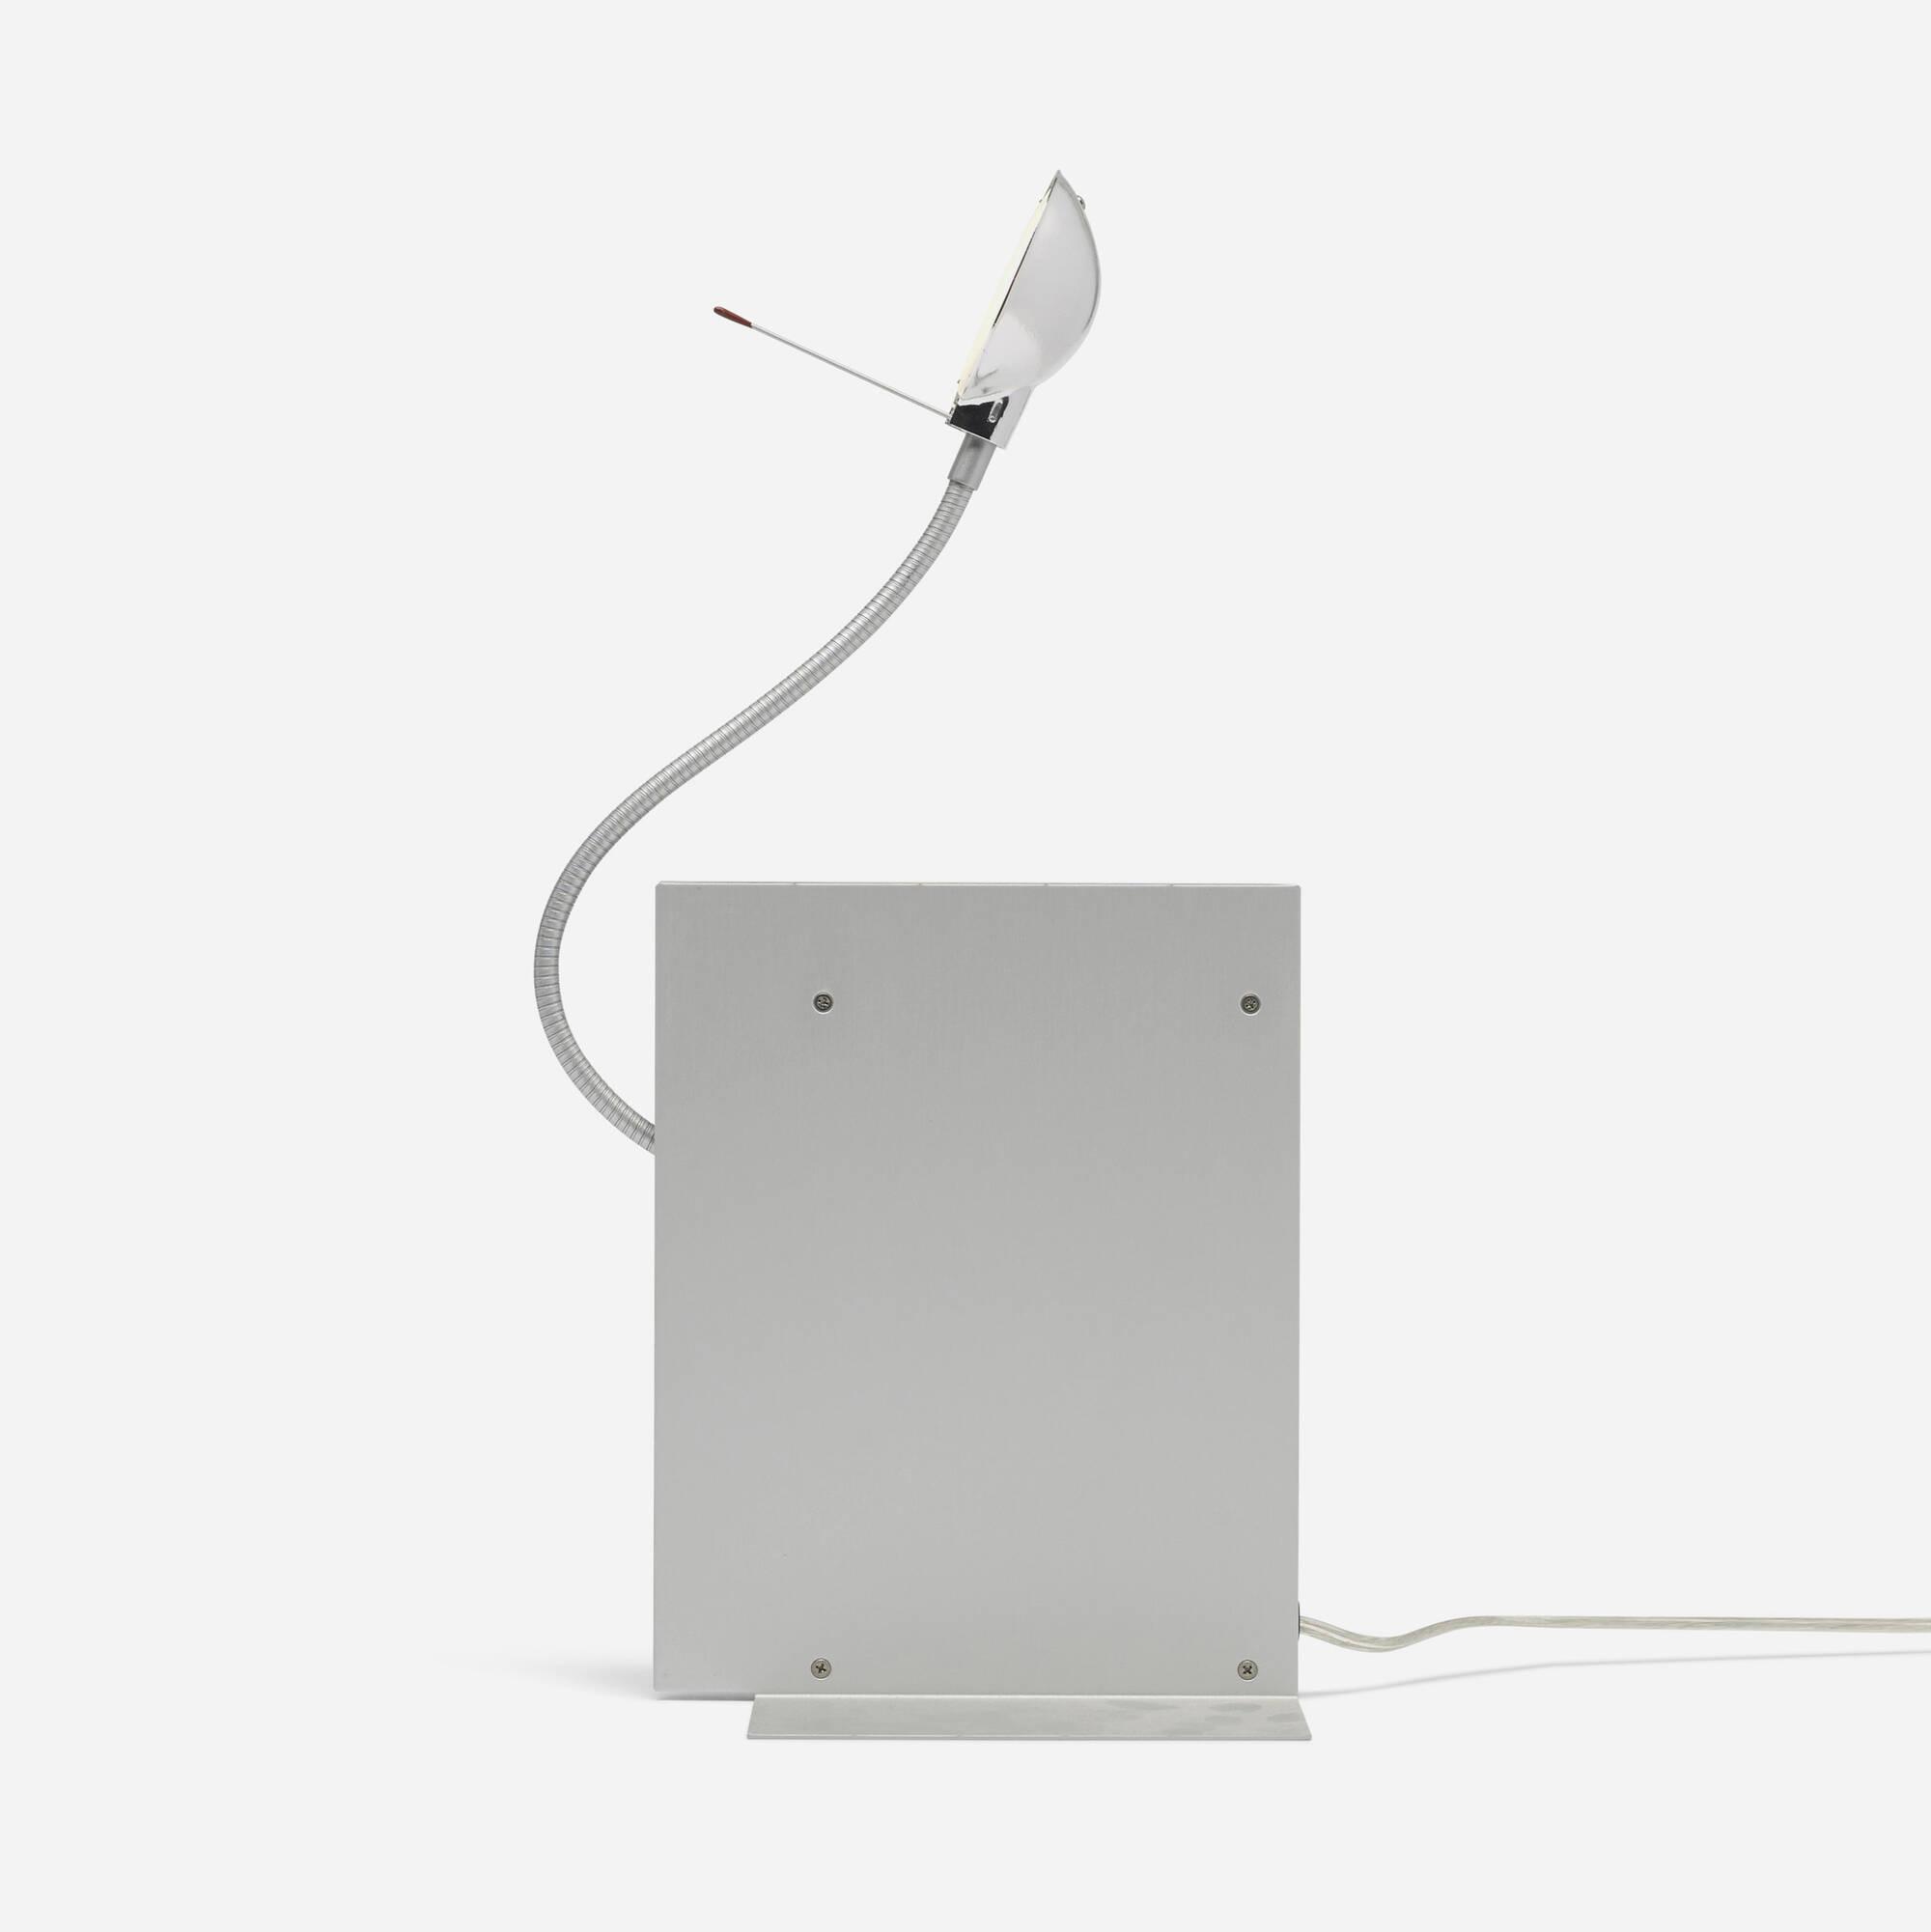 548: Ingo Maurer / Oskar bookshelf lamp (1 of 1)